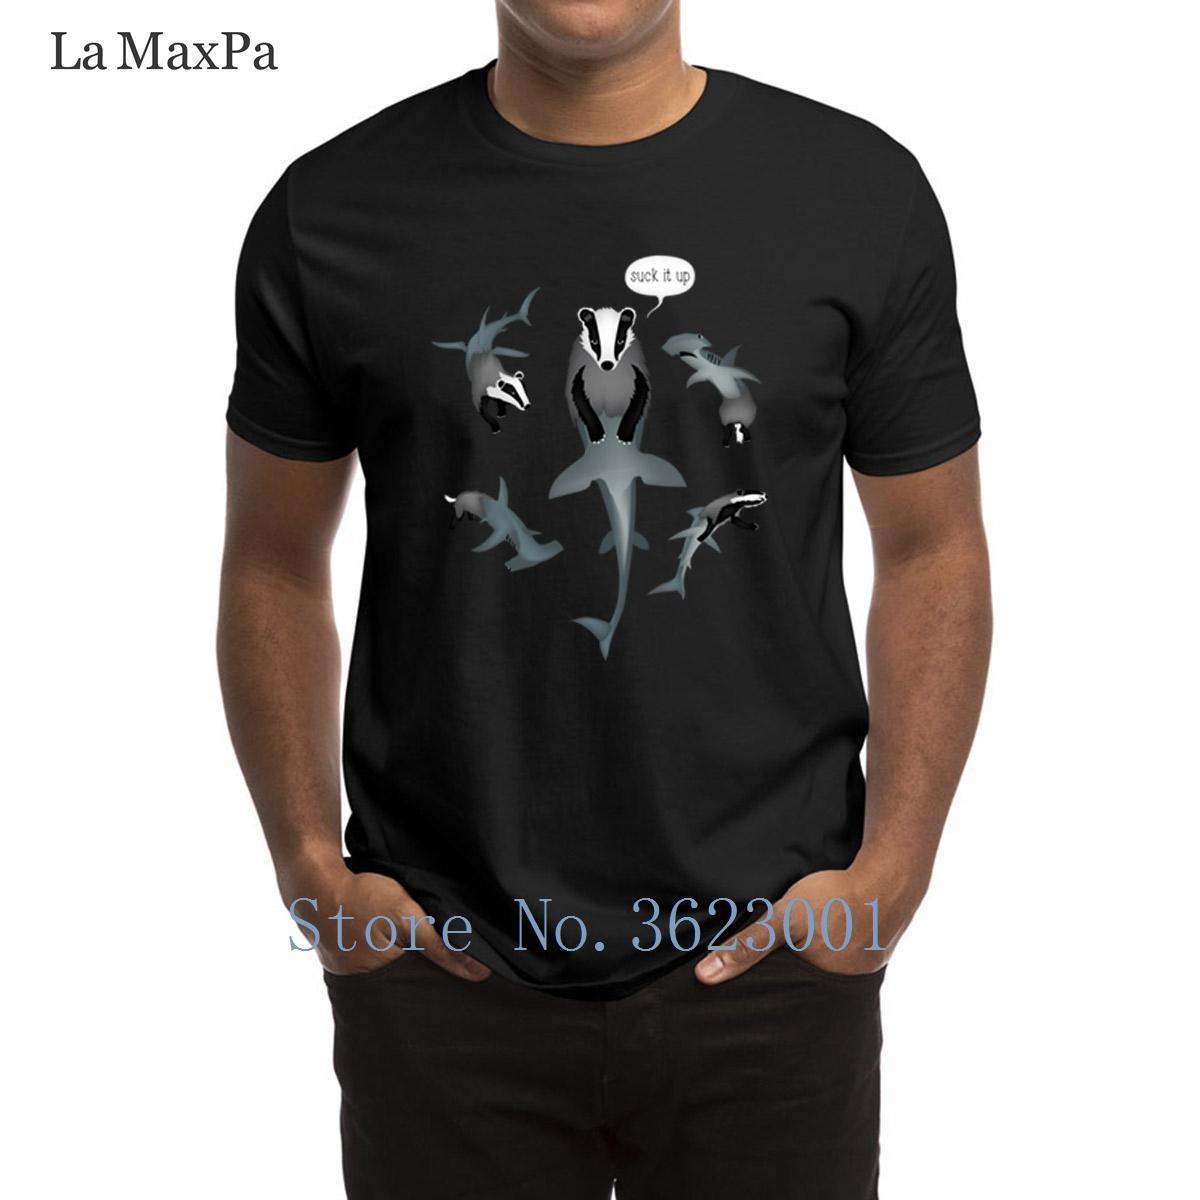 Designs Cool T Shirt Badger Shark From Mars Suck It Up T Shirt